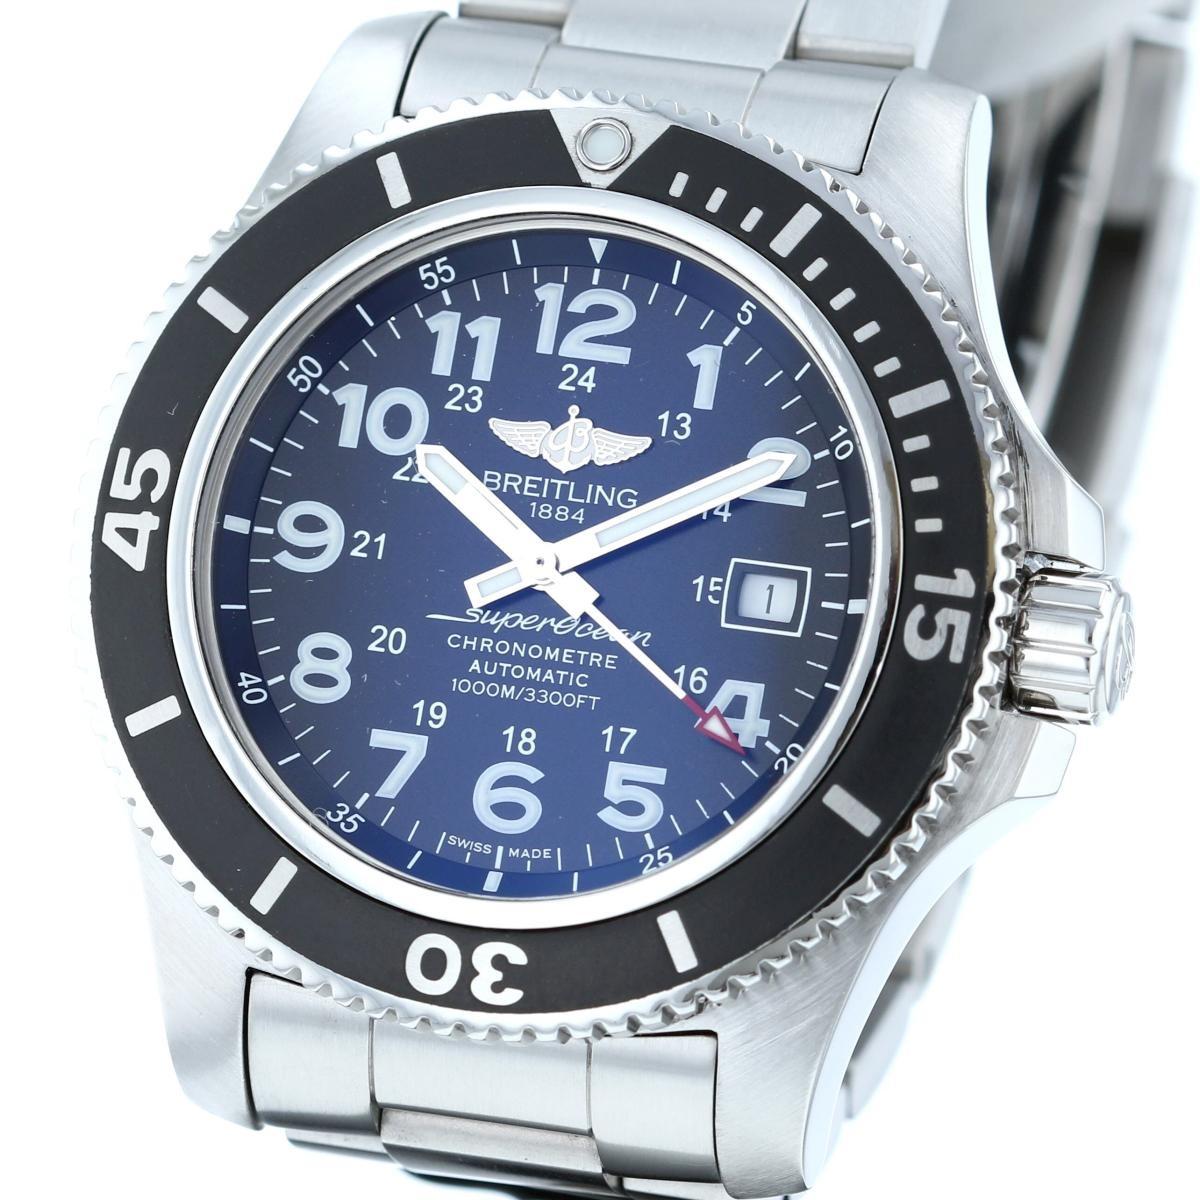 【中古】 BREITLING (ブライトリング) スーパーオーシャン� 44 日本限定 時計 自動巻き/メンズ Super Ocean Black A17392D7/BG84 used:A